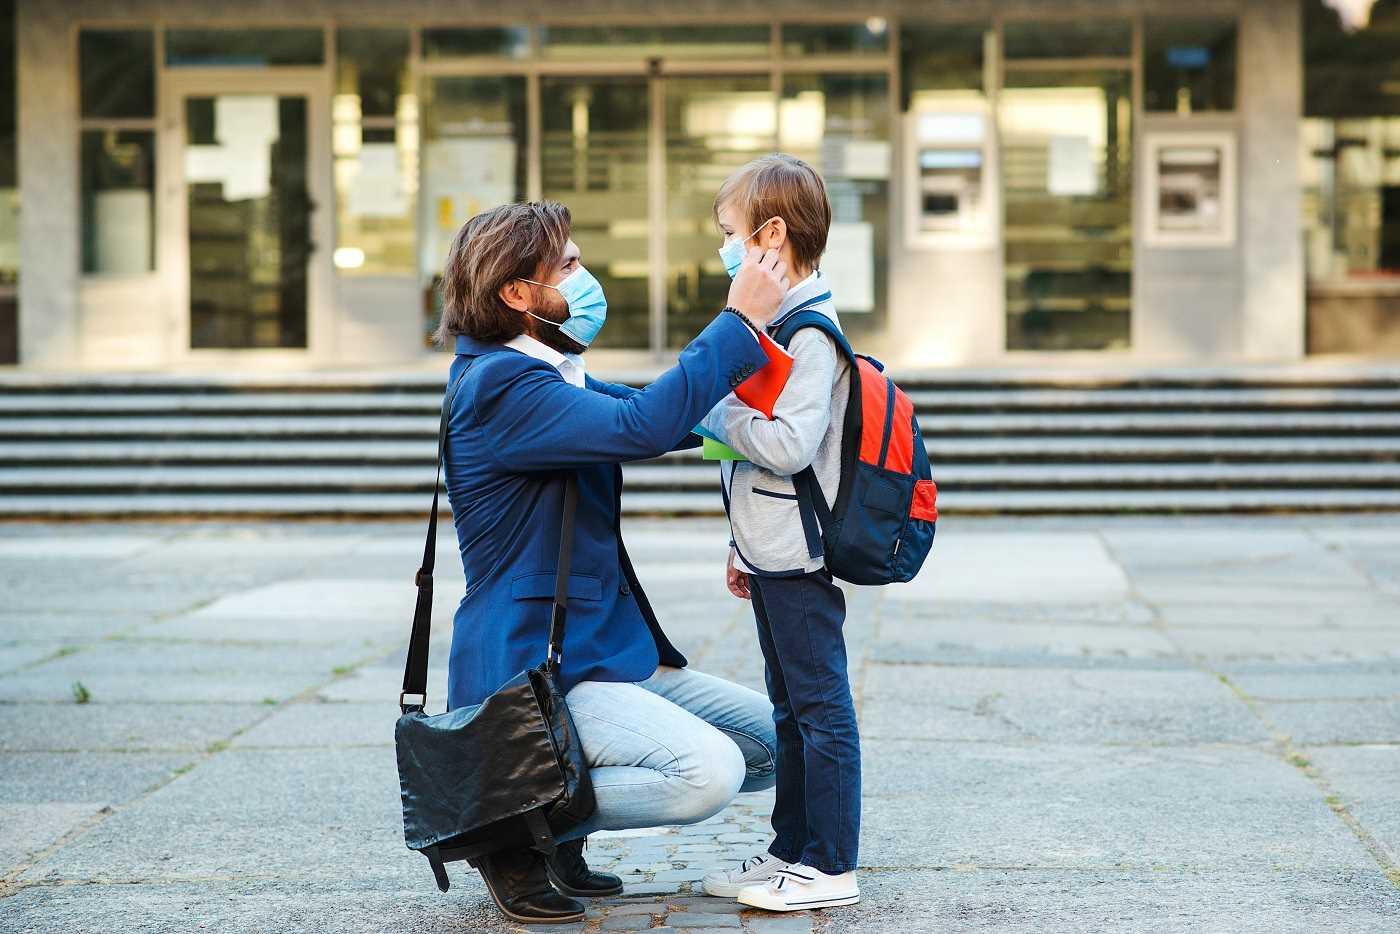 Dès l'âge de 11 ans et plus, le port du masque sera obligatoire dès la rentrée scolaire aux abords des établissements scolaires de Seine-Maritime - Illustration © Adobe Stock